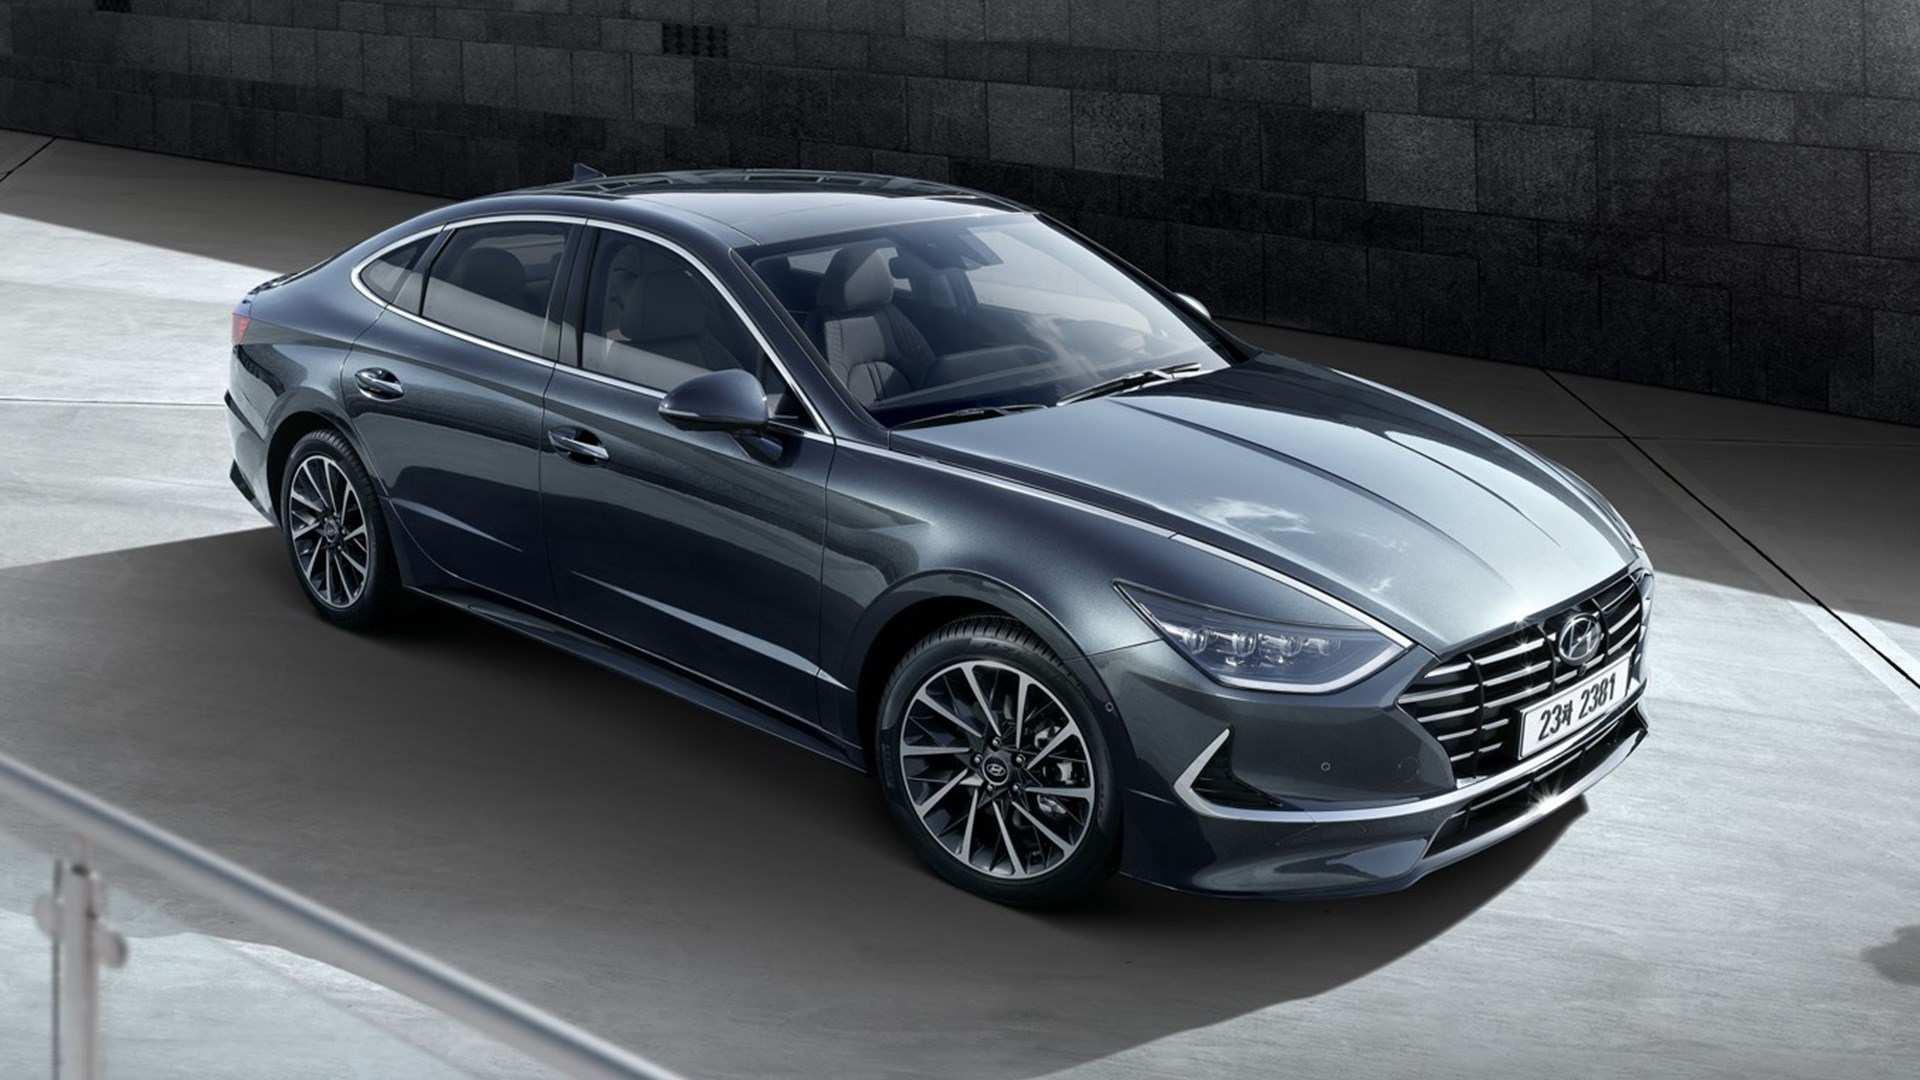 99 New Price Of 2020 Hyundai Sonata Interior for Price Of 2020 Hyundai Sonata